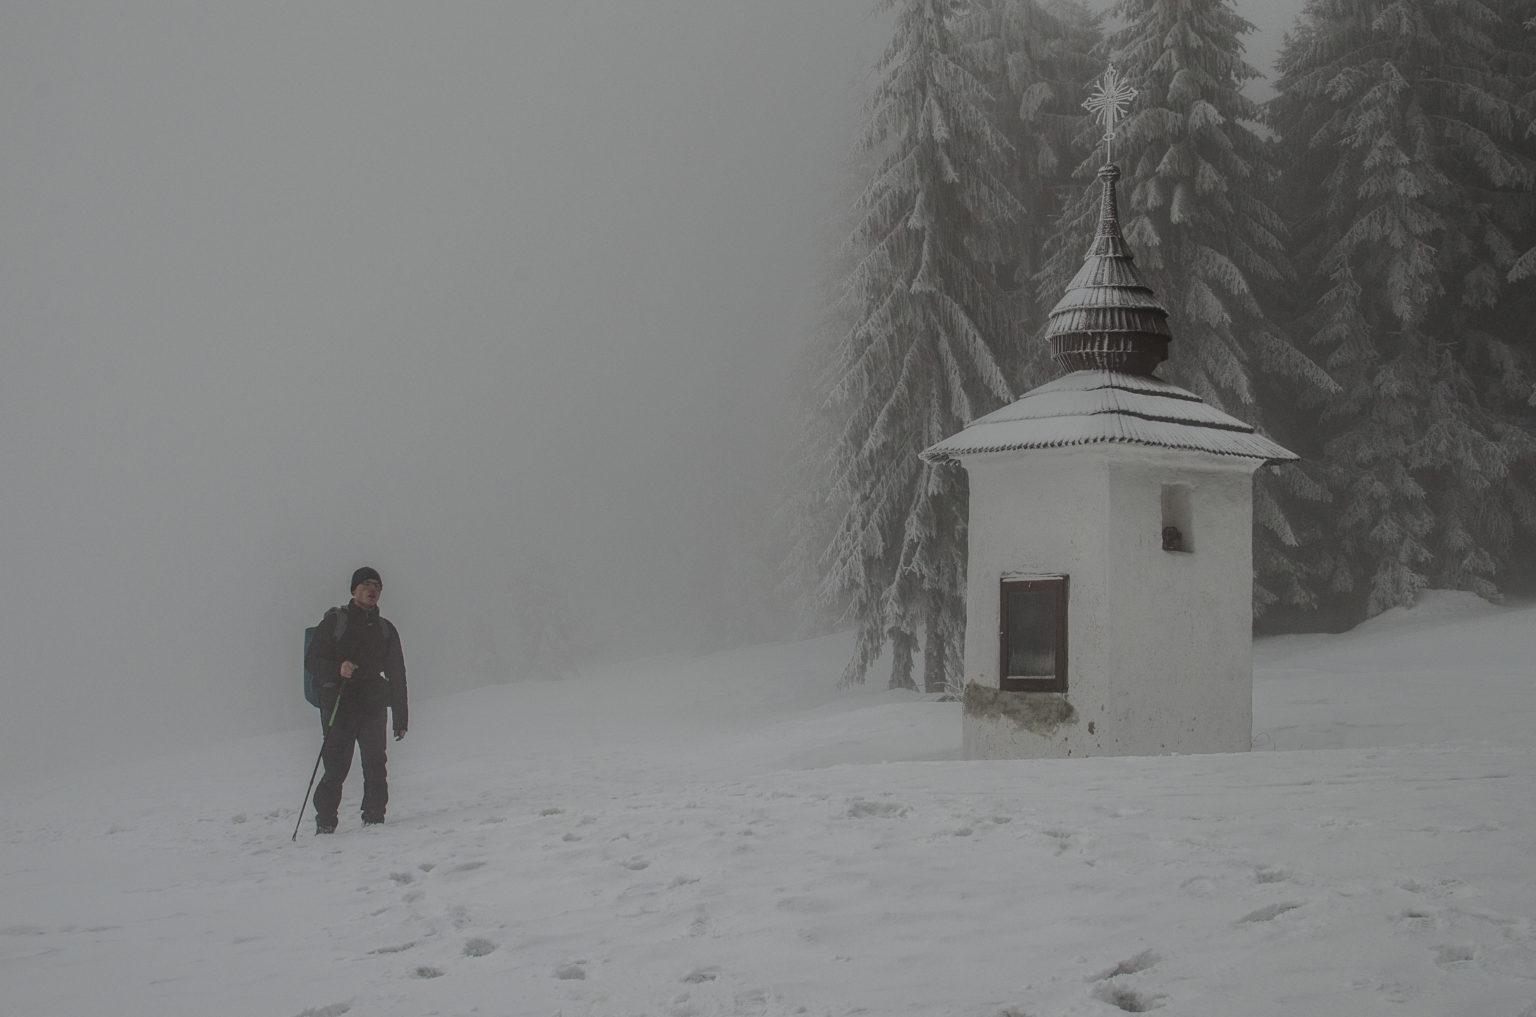 Mężczyzna idzie po mglistym szlaku obok kapliczki w górach